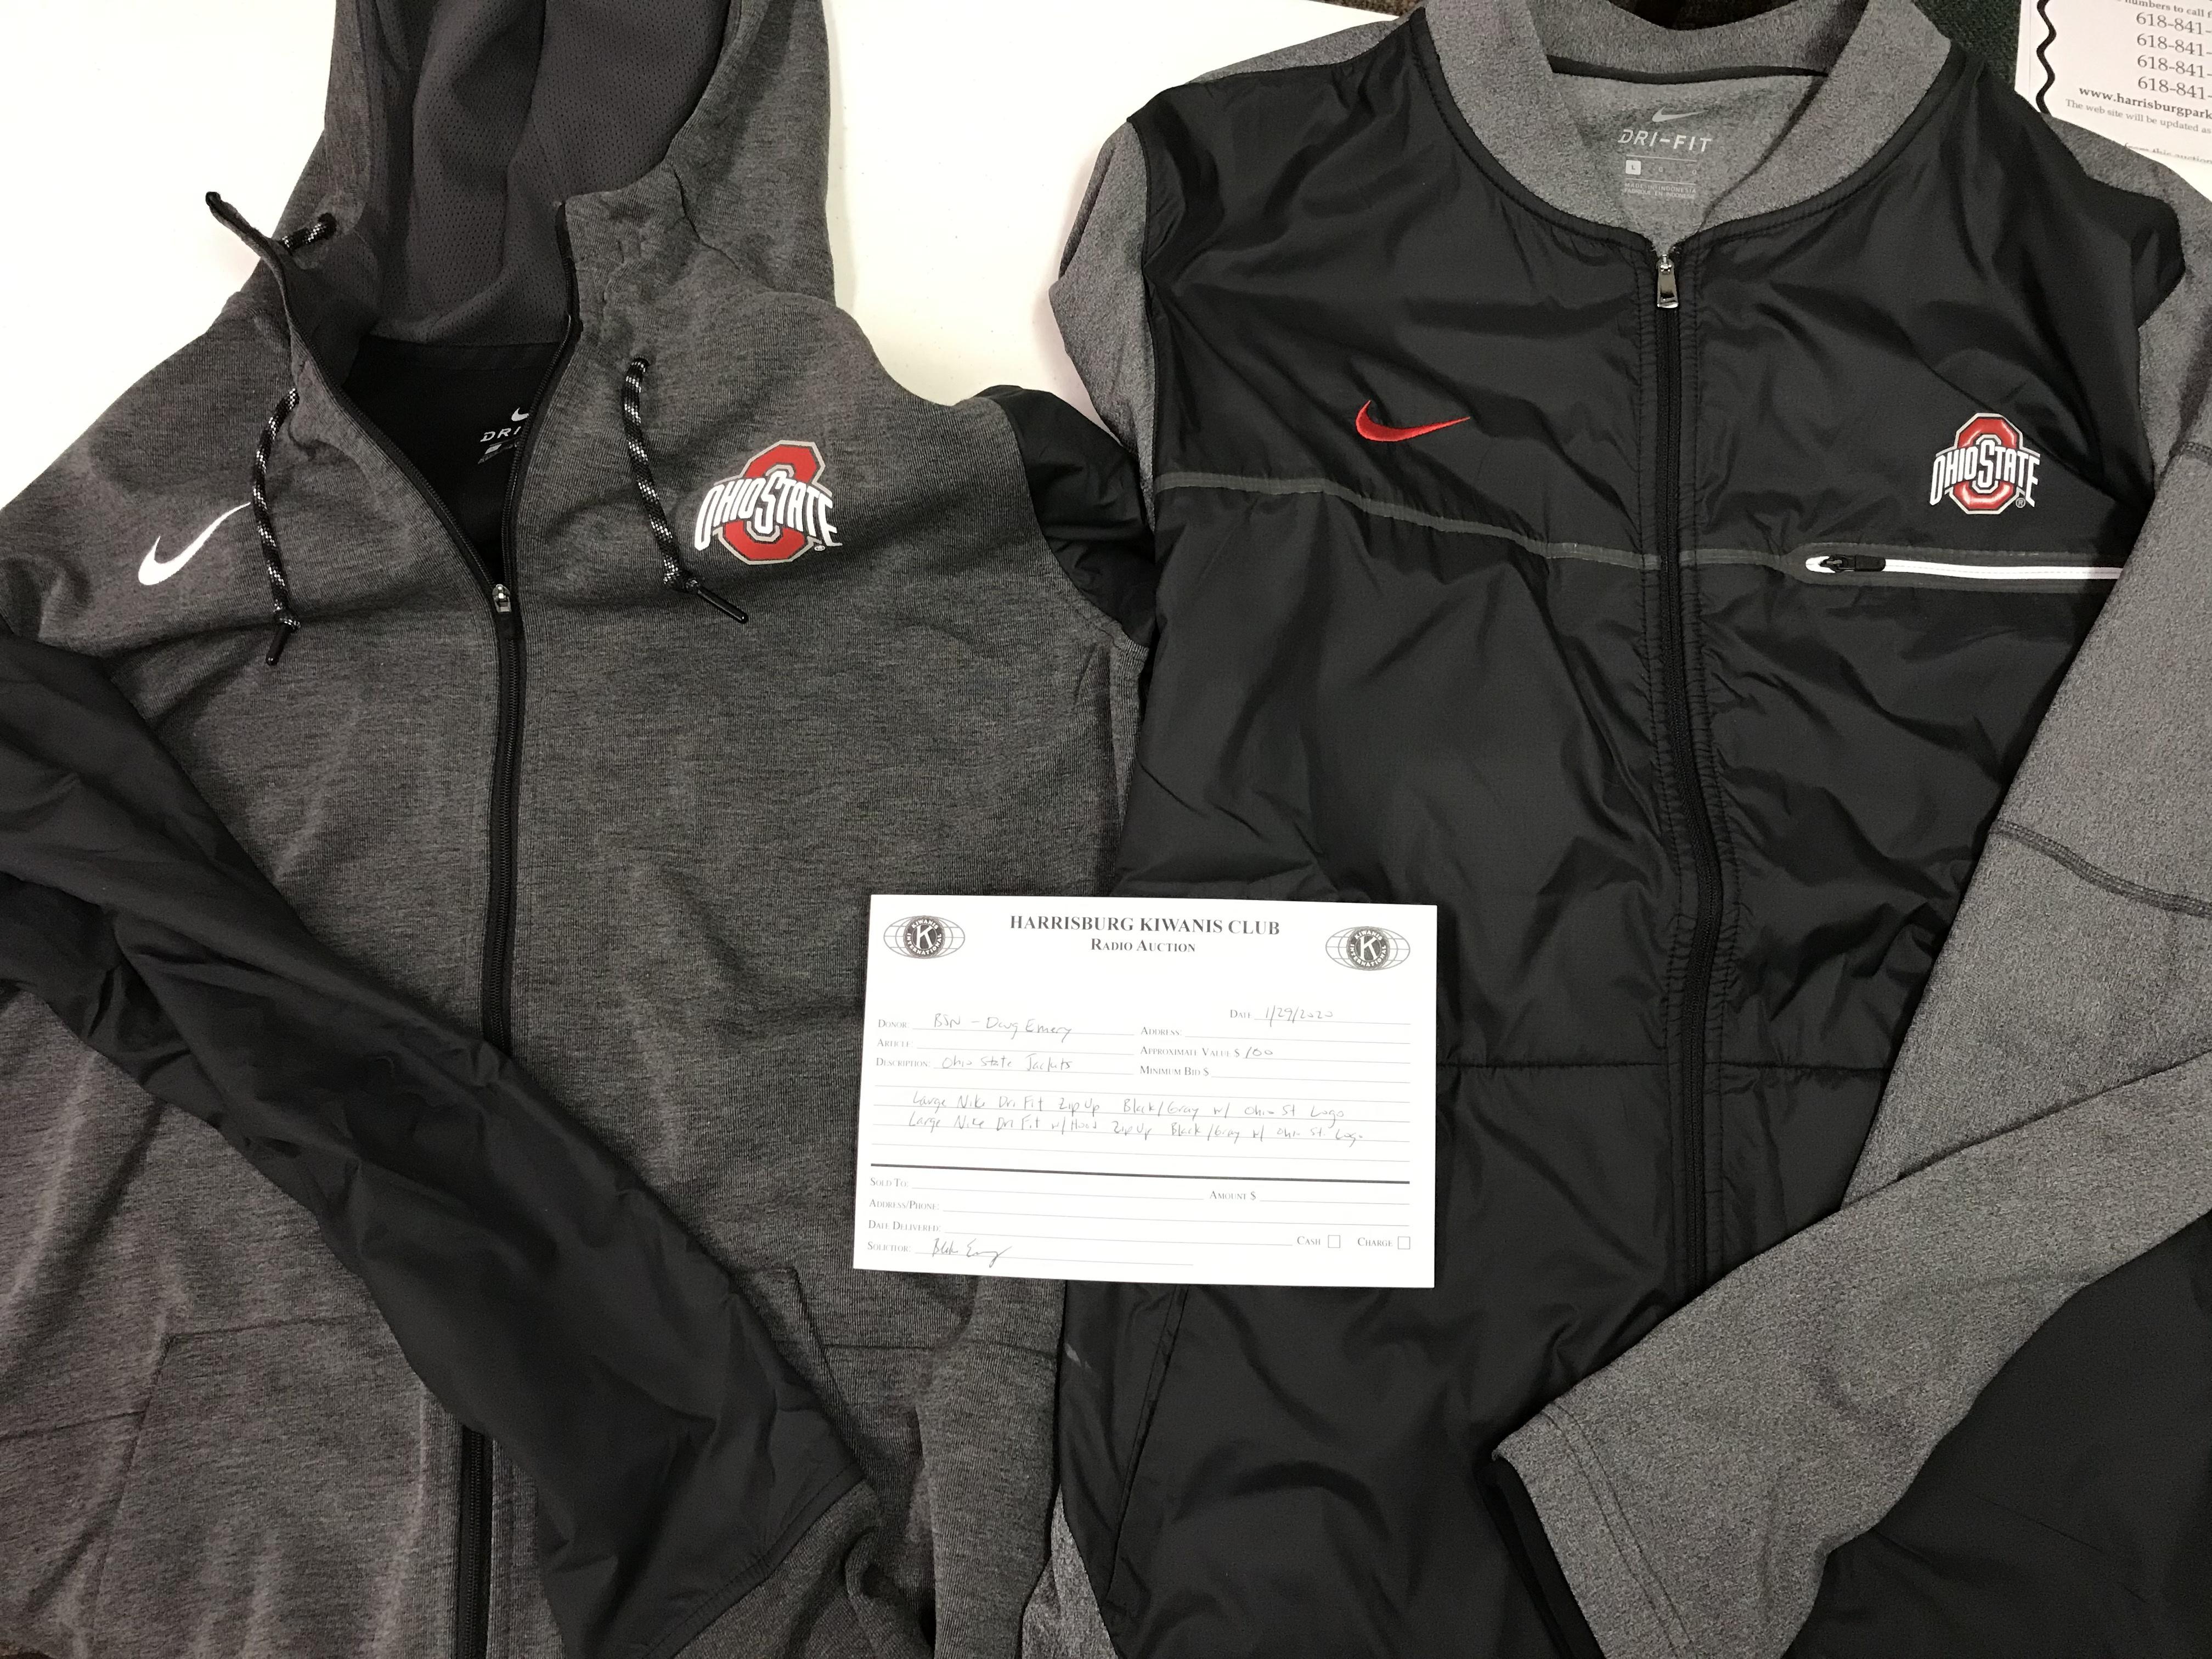 Item 223 - BSN - Doug Emery Nike Ohio St Jackets - Large Dri-Fit Zip Up, Large Dri-Fit Zip Up with Hood